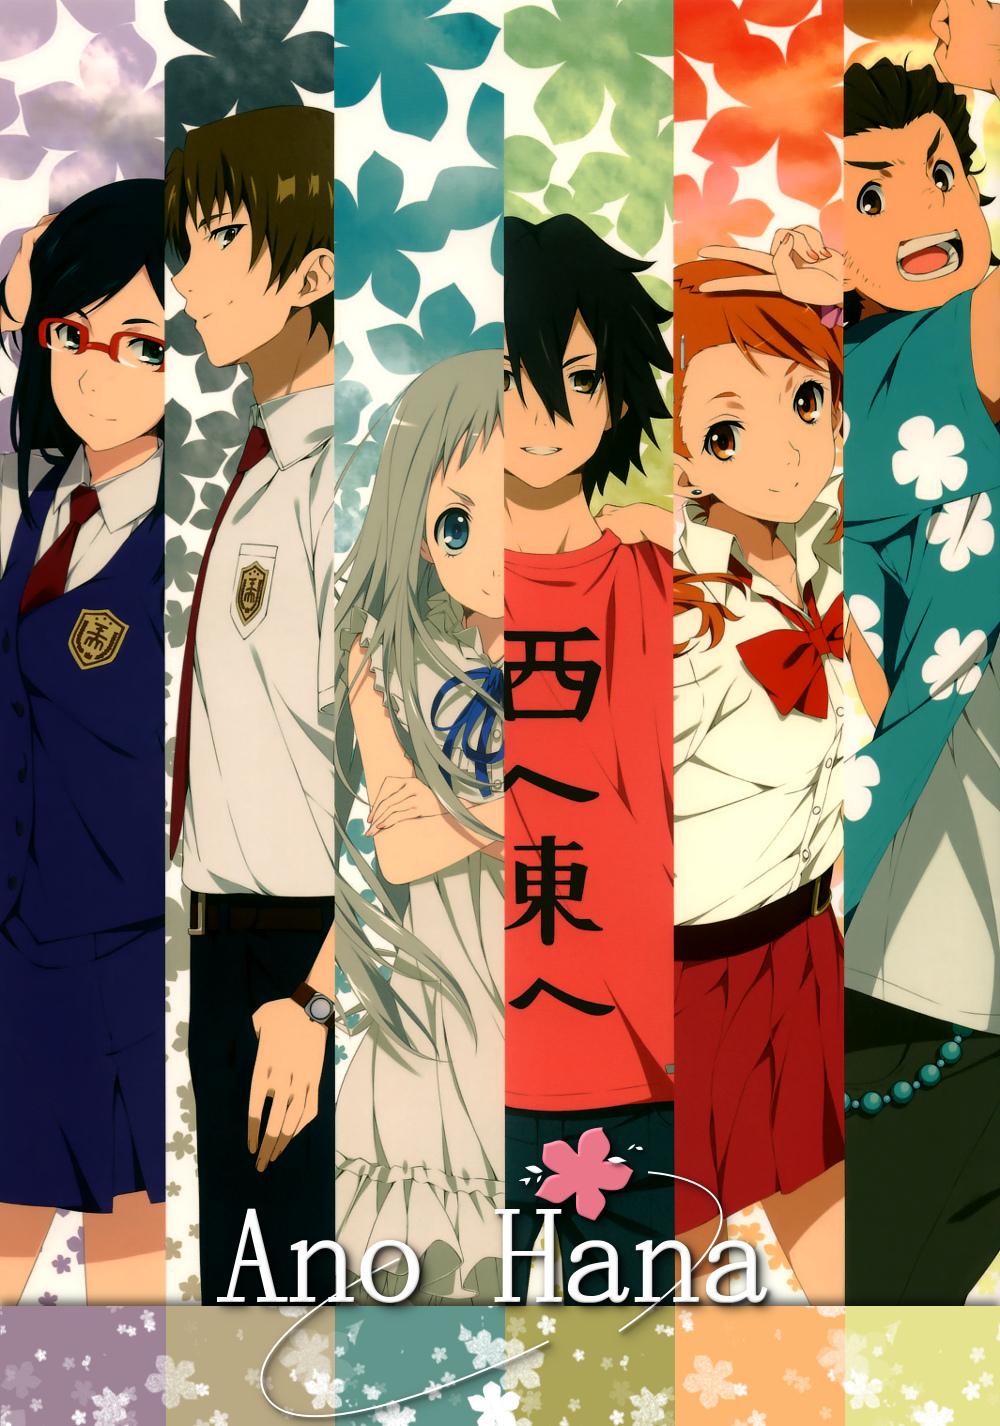 ano-hi-mita-hana-no-namae-o-bokutachi-wa-mada-shiranai-54a9743cac8b6.jpg